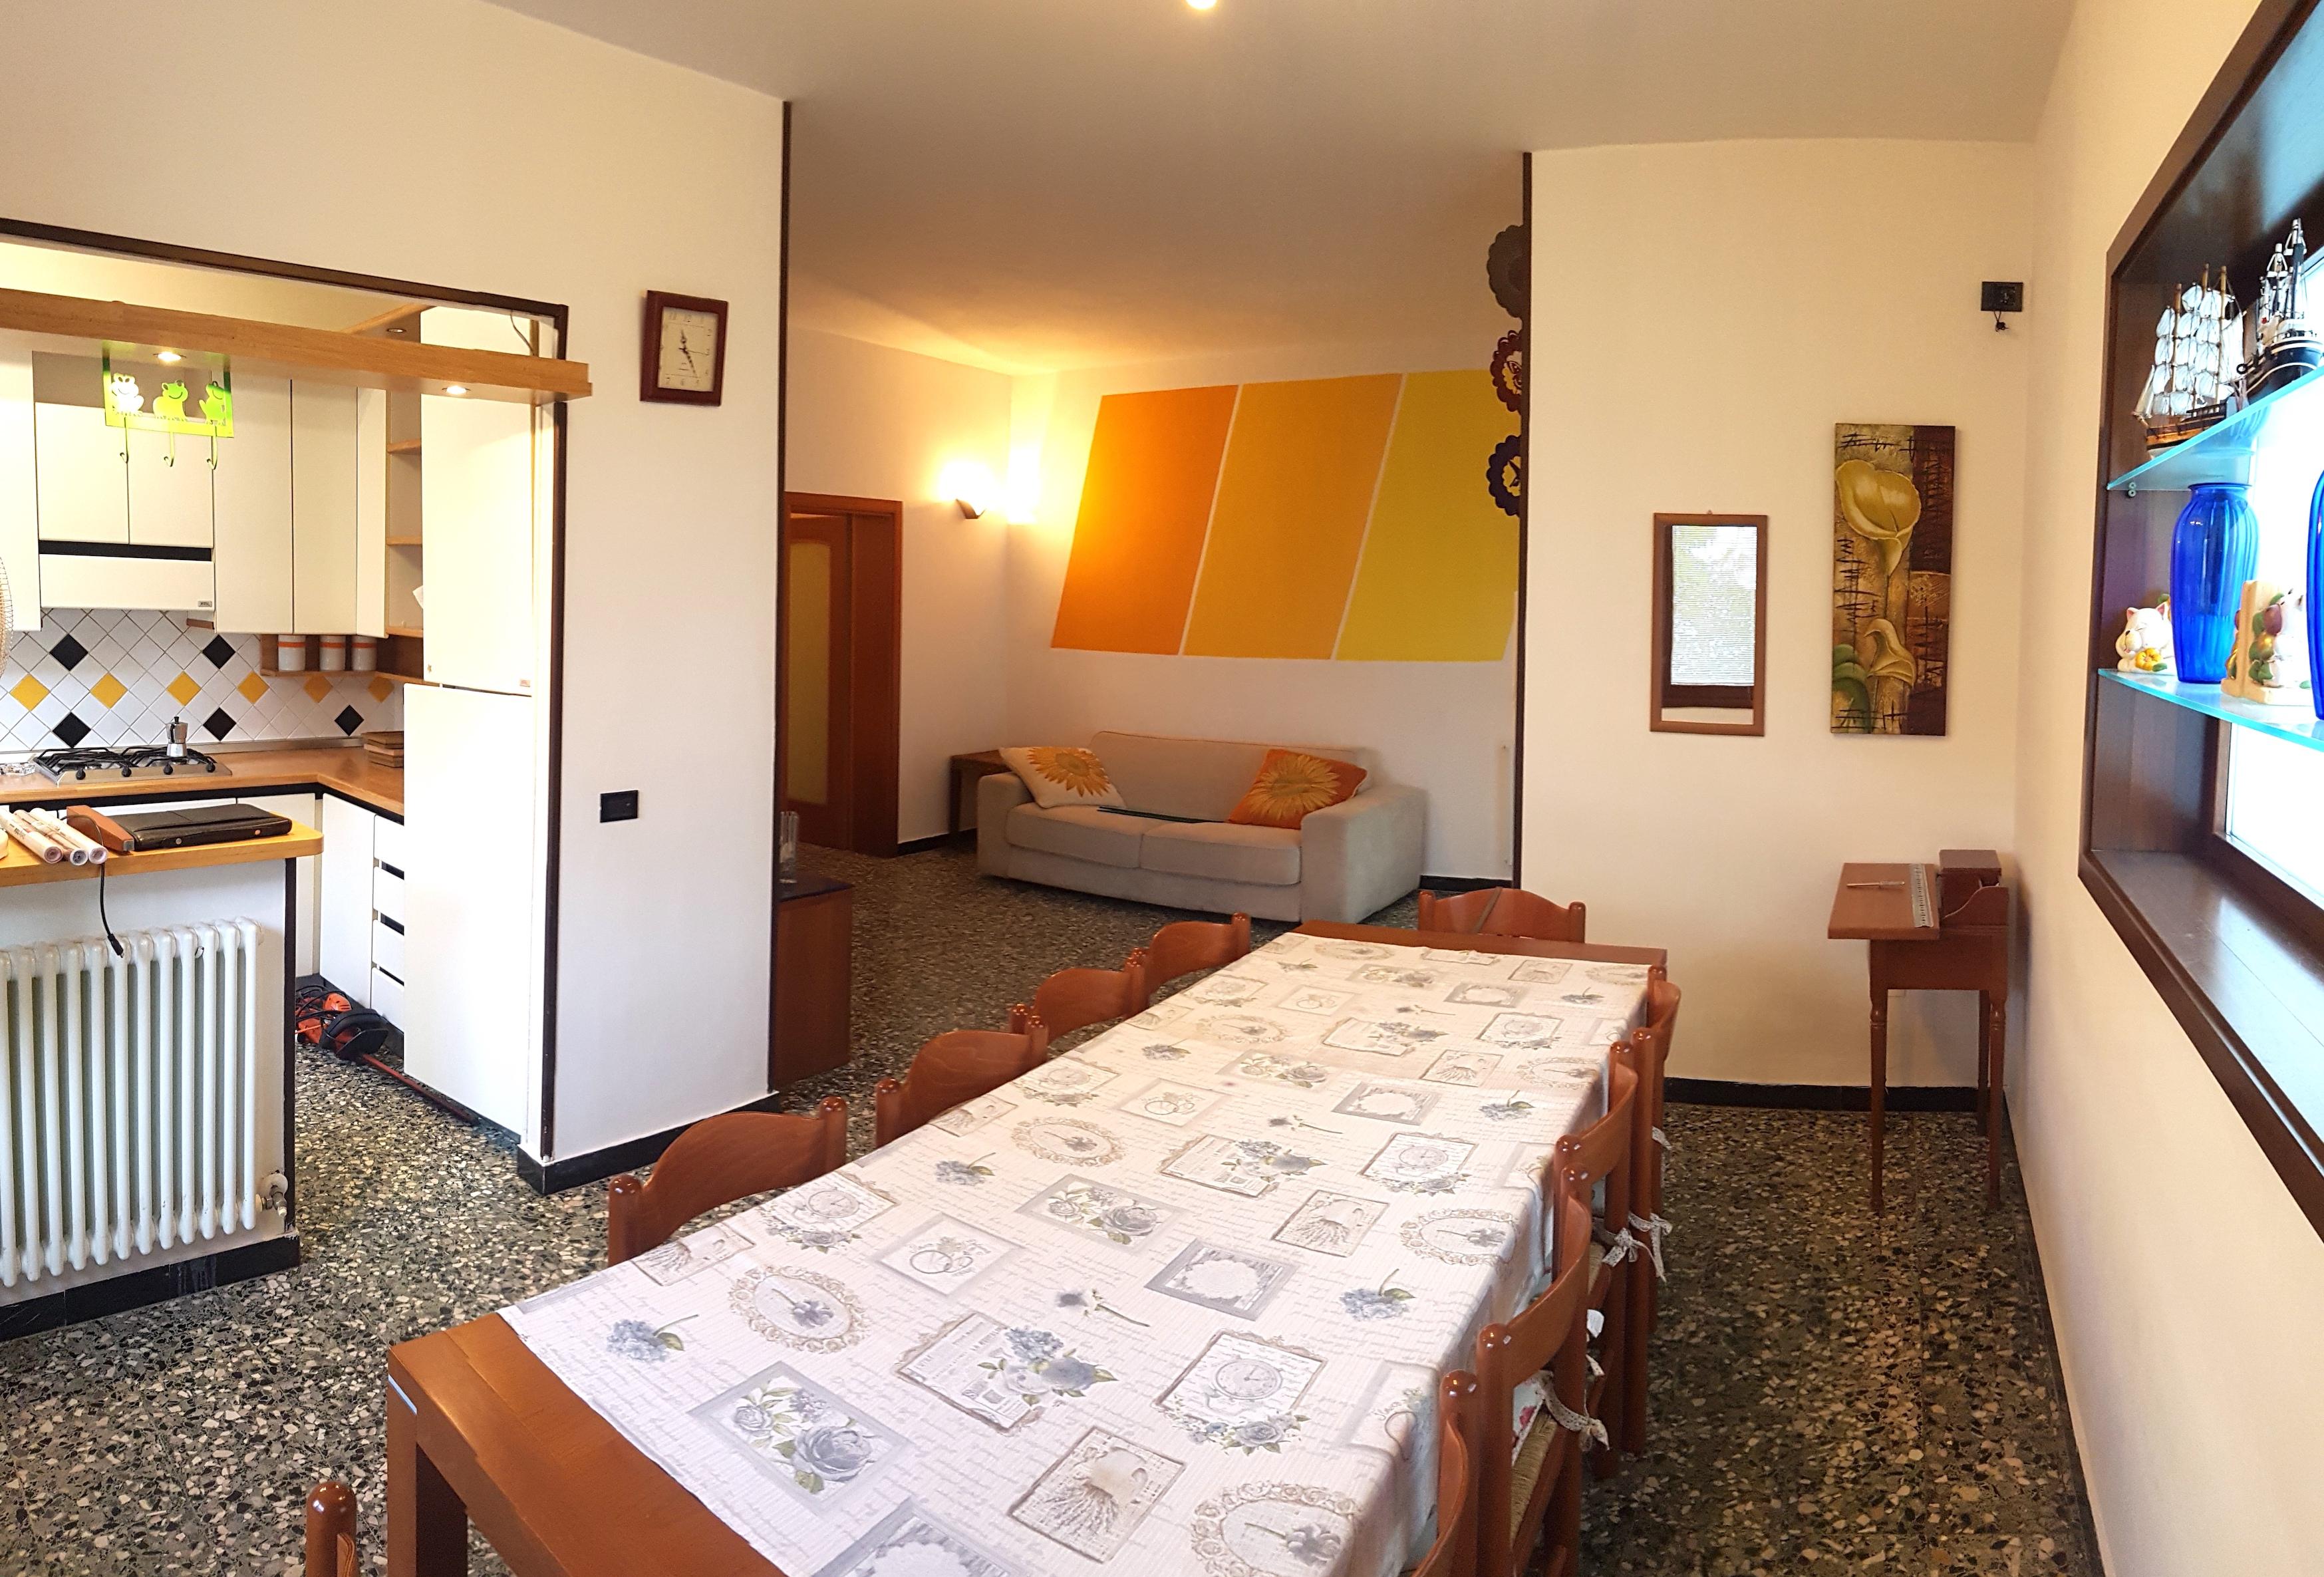 RICCIONE PARCO, ampio appartamento in villa in vendita